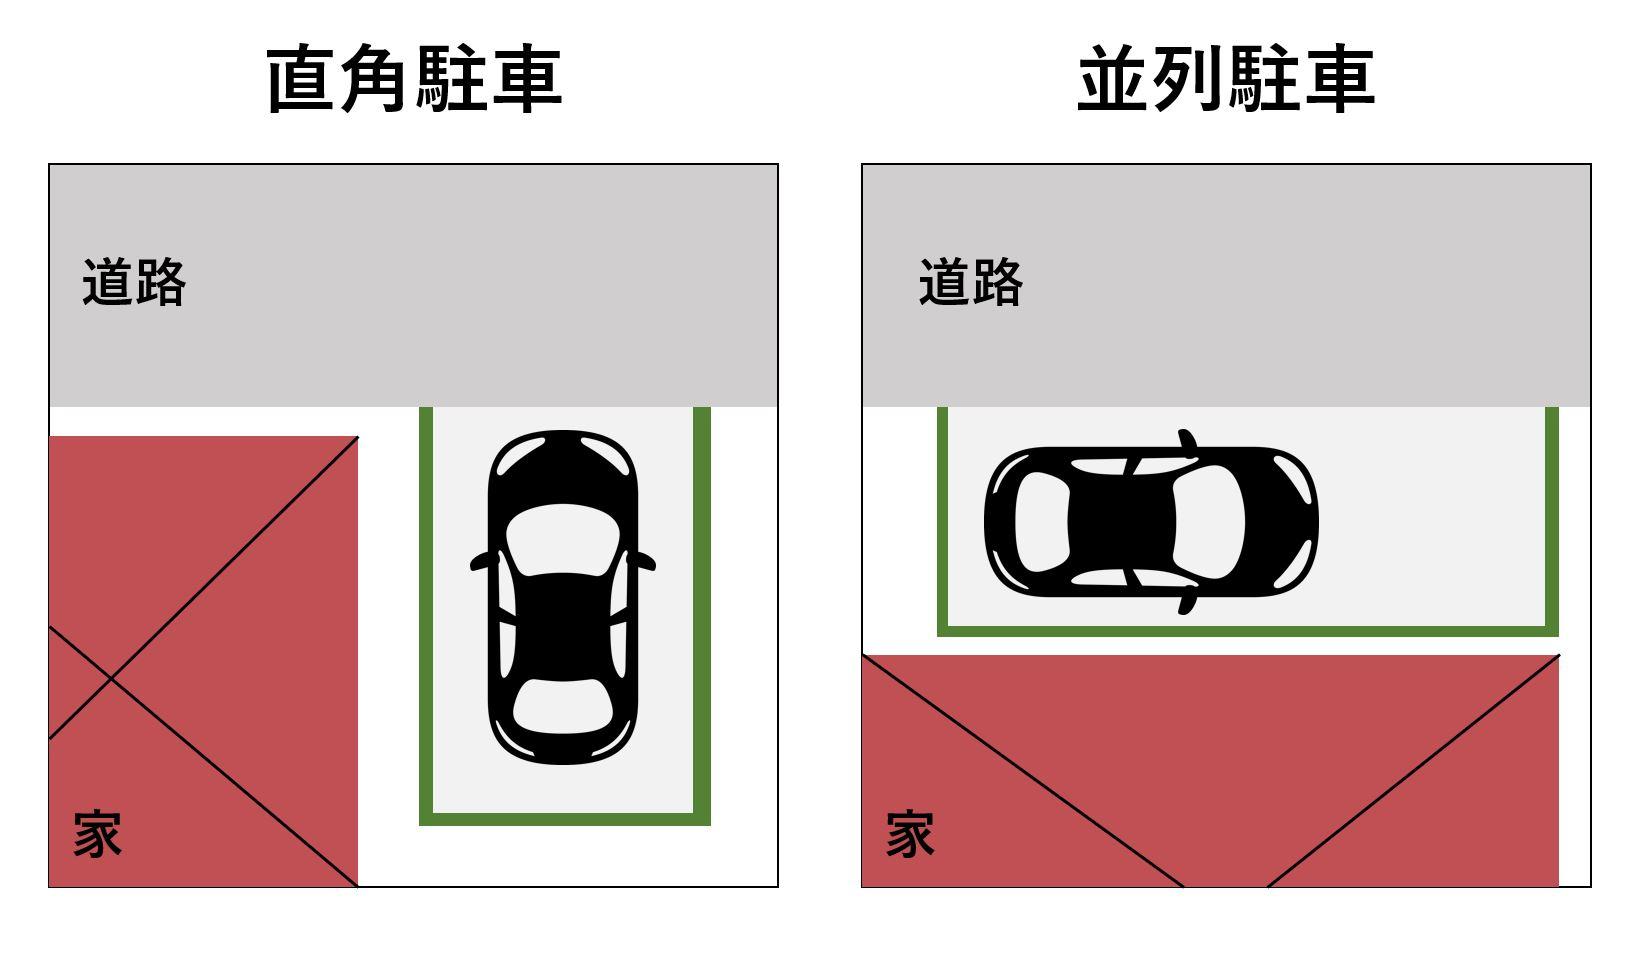 駐車の種類によっても必要なスペースは変わってくる